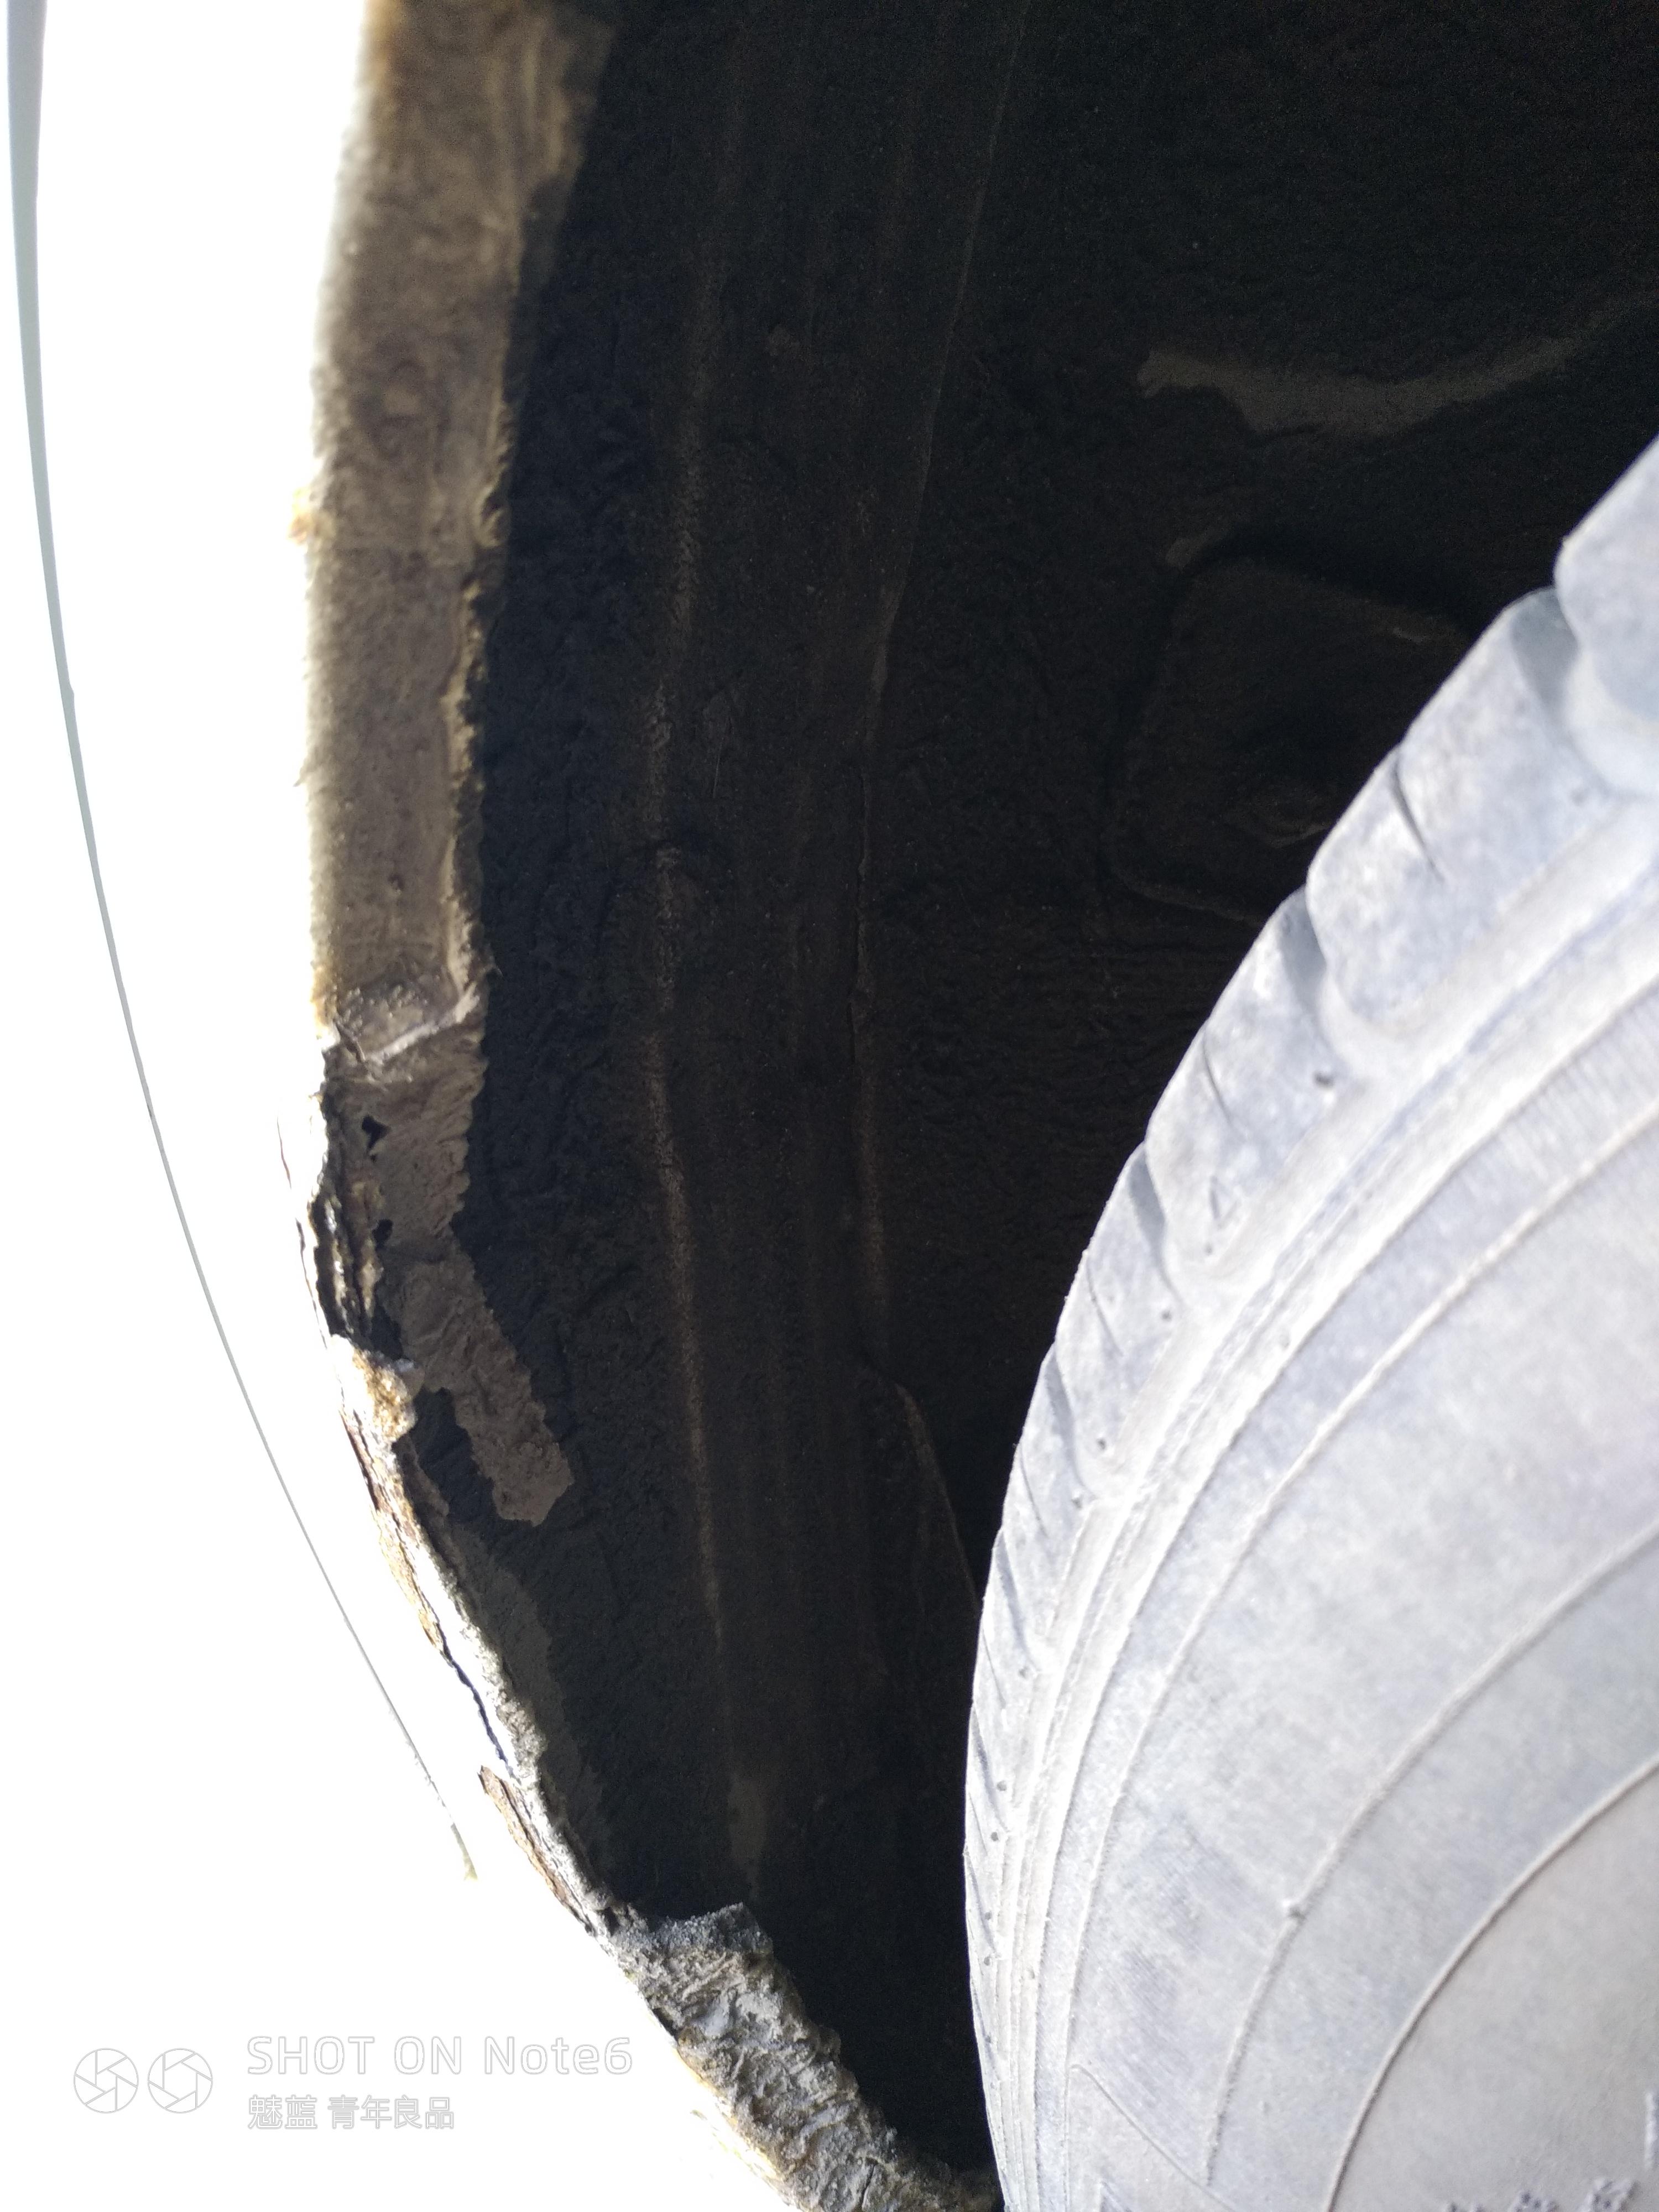 上汽通用-赛欧 车身腐蚀严重,方向机漏油